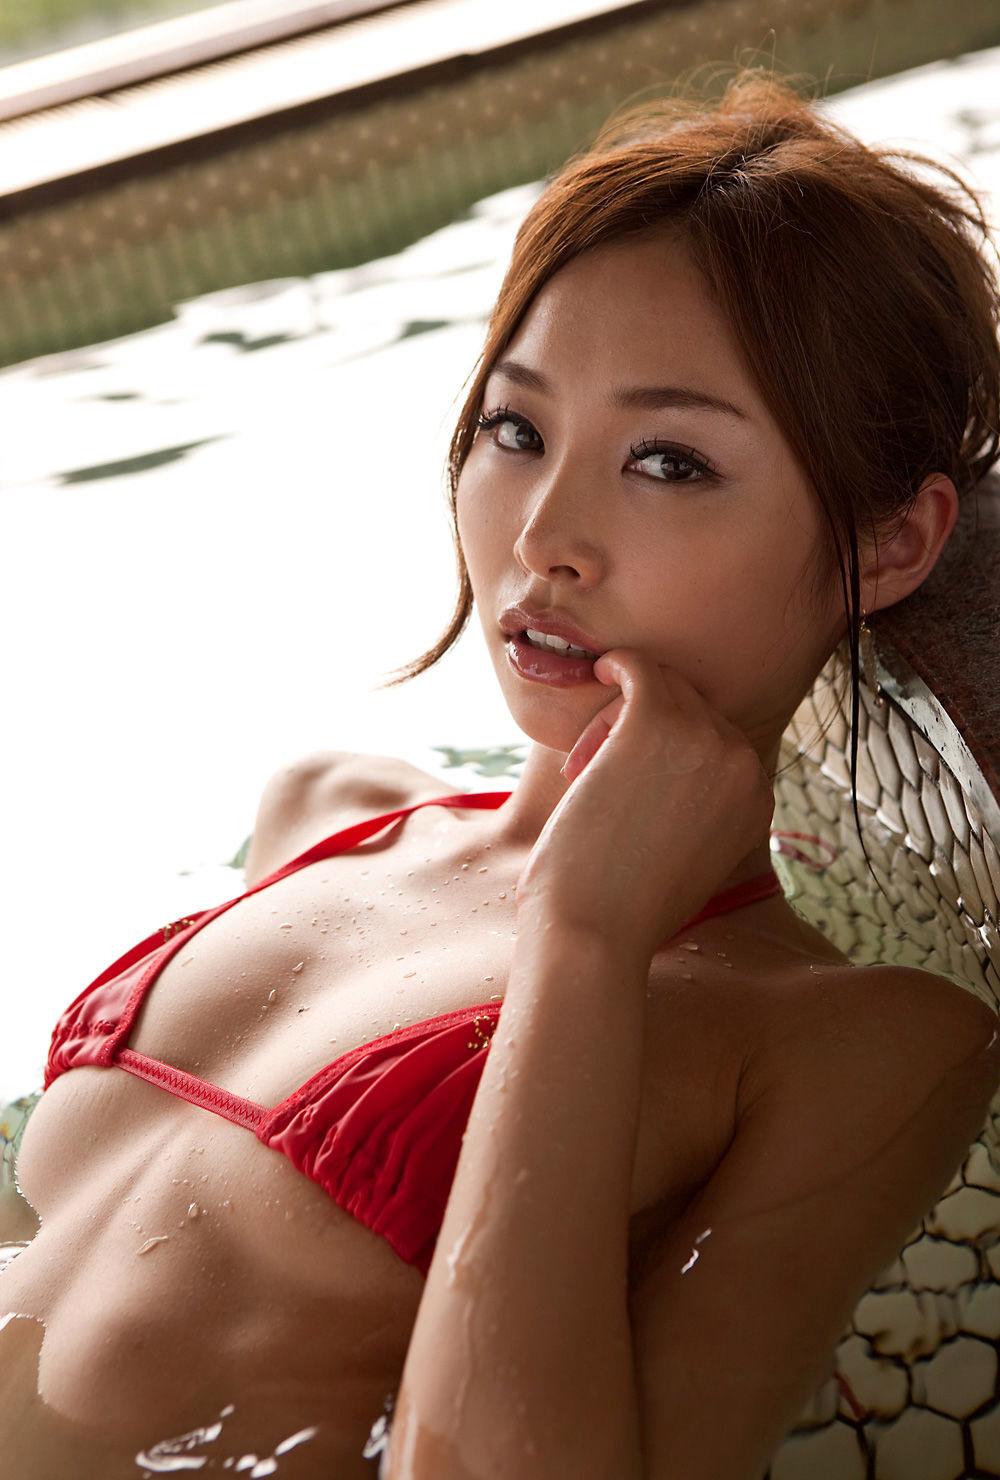 原更紗(夏目彩春) 画像 58